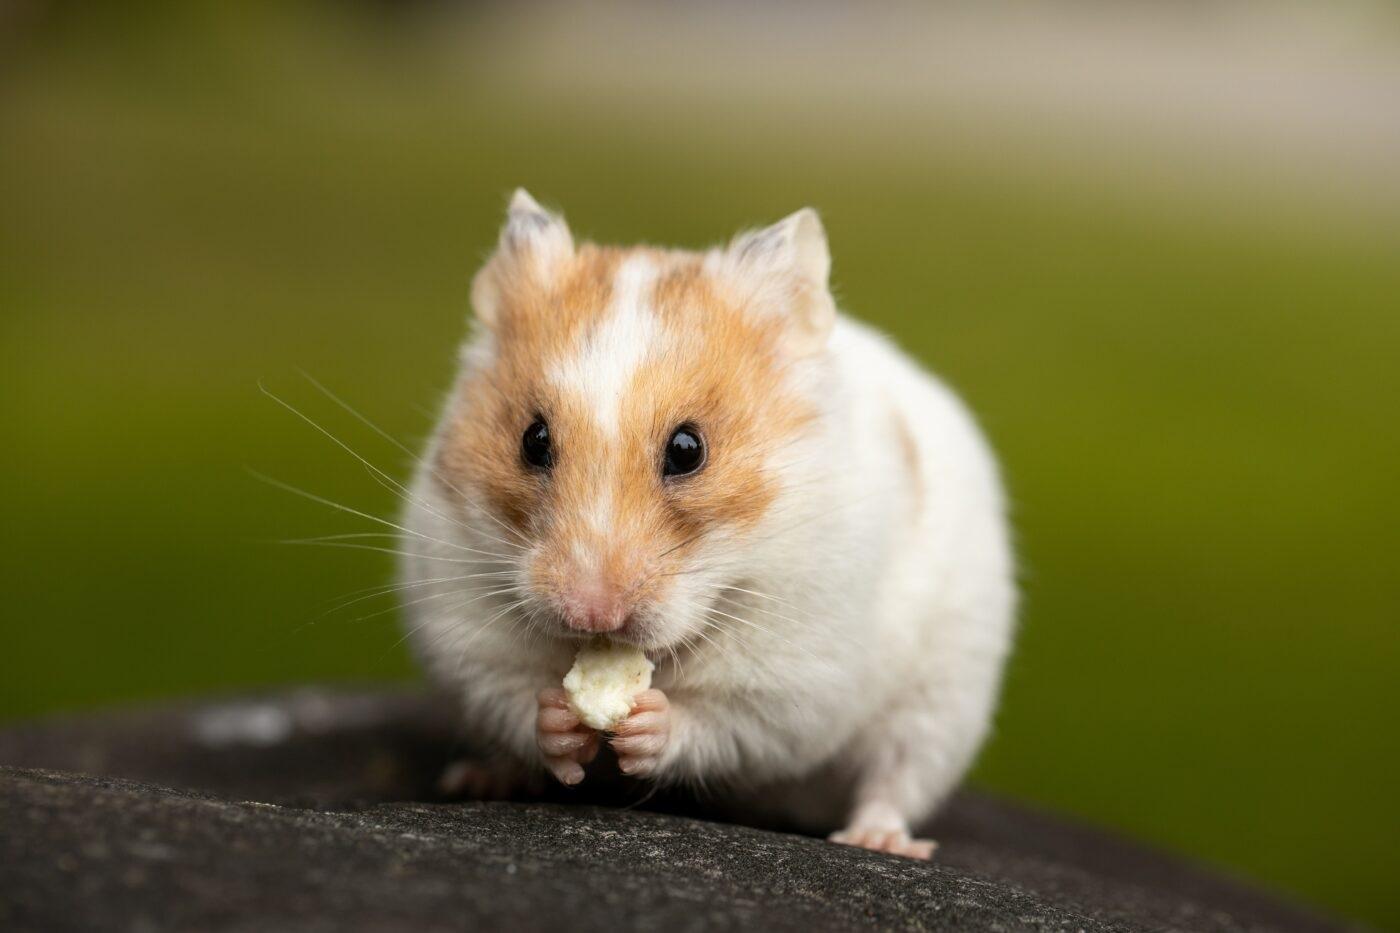 Ein Kryptohandel-Hamster übertrifft Warren Buffet